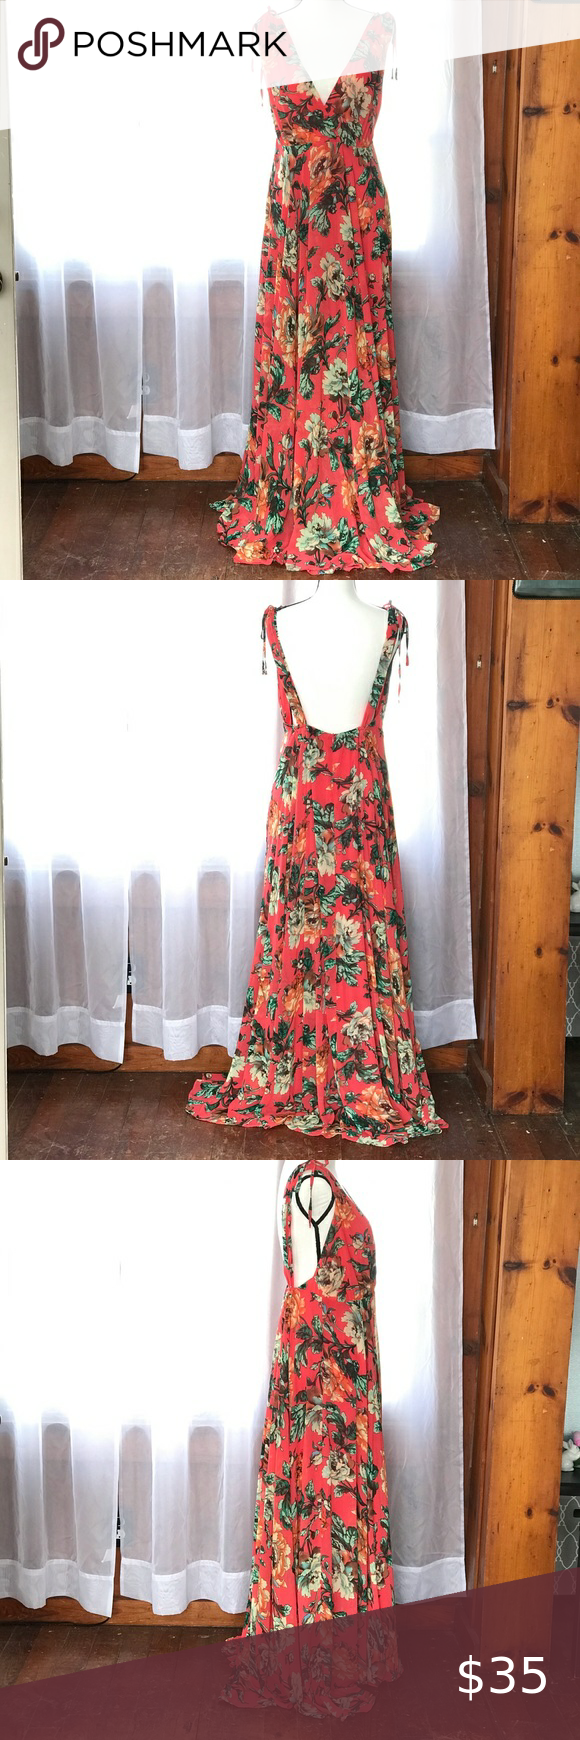 Spotted while shopping on Poshmark: HPLulus Bold and Full Of Summer Dress! #poshmark #fashion #shopping #style #Lulu's #Dresses & Skirts